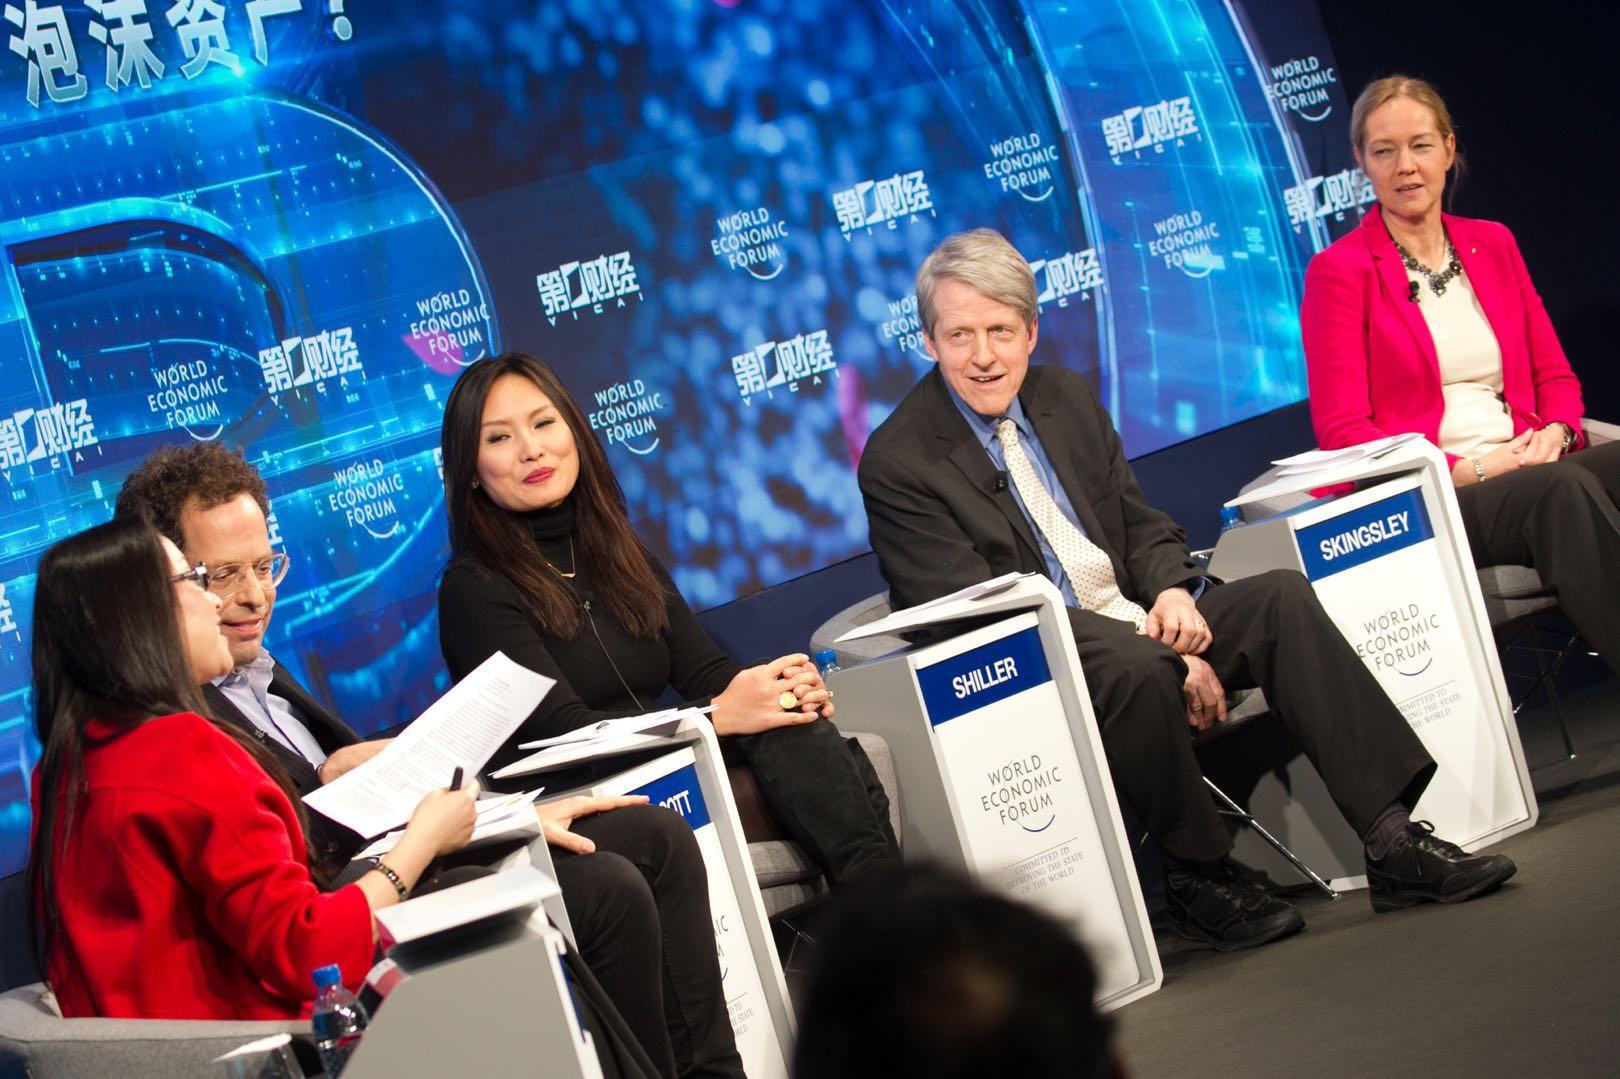 直击达沃斯|世纪大辩论:数字资产是泡沫 or 未来货币?